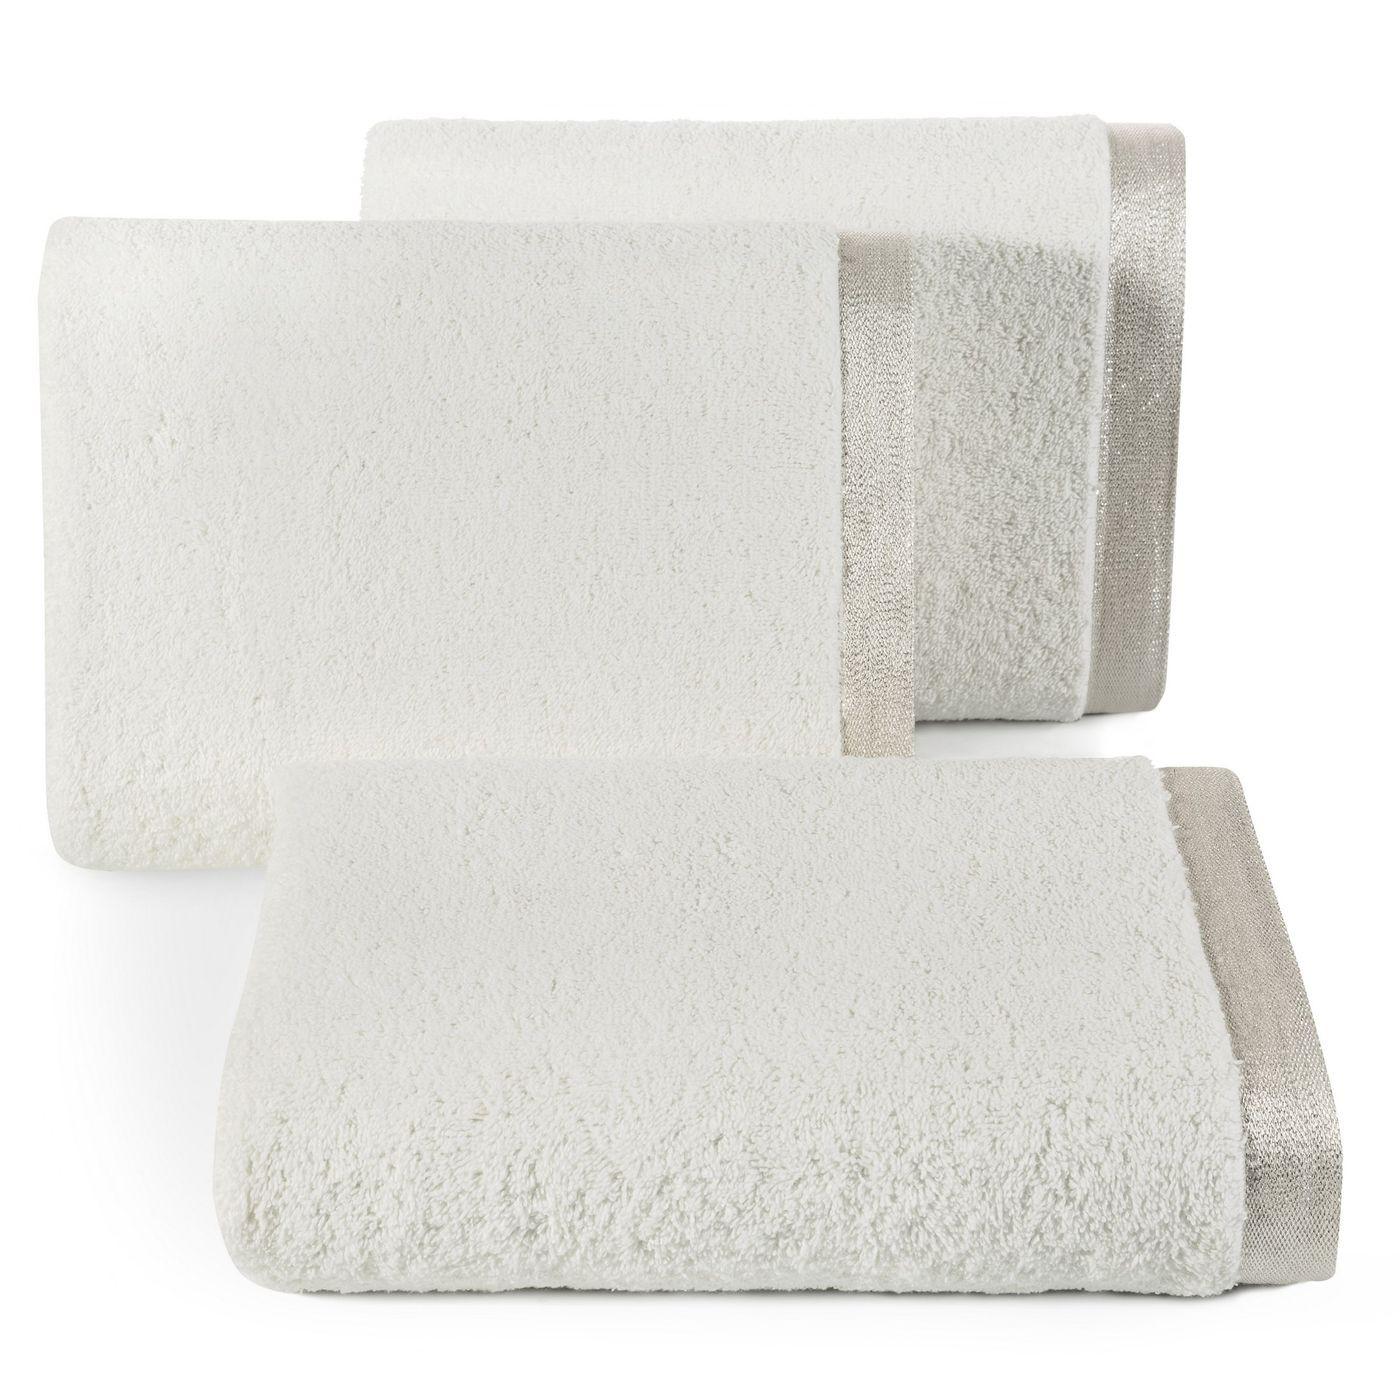 Ręcznik z bawełny z błyszczącym brzegiem 50x90cm biały